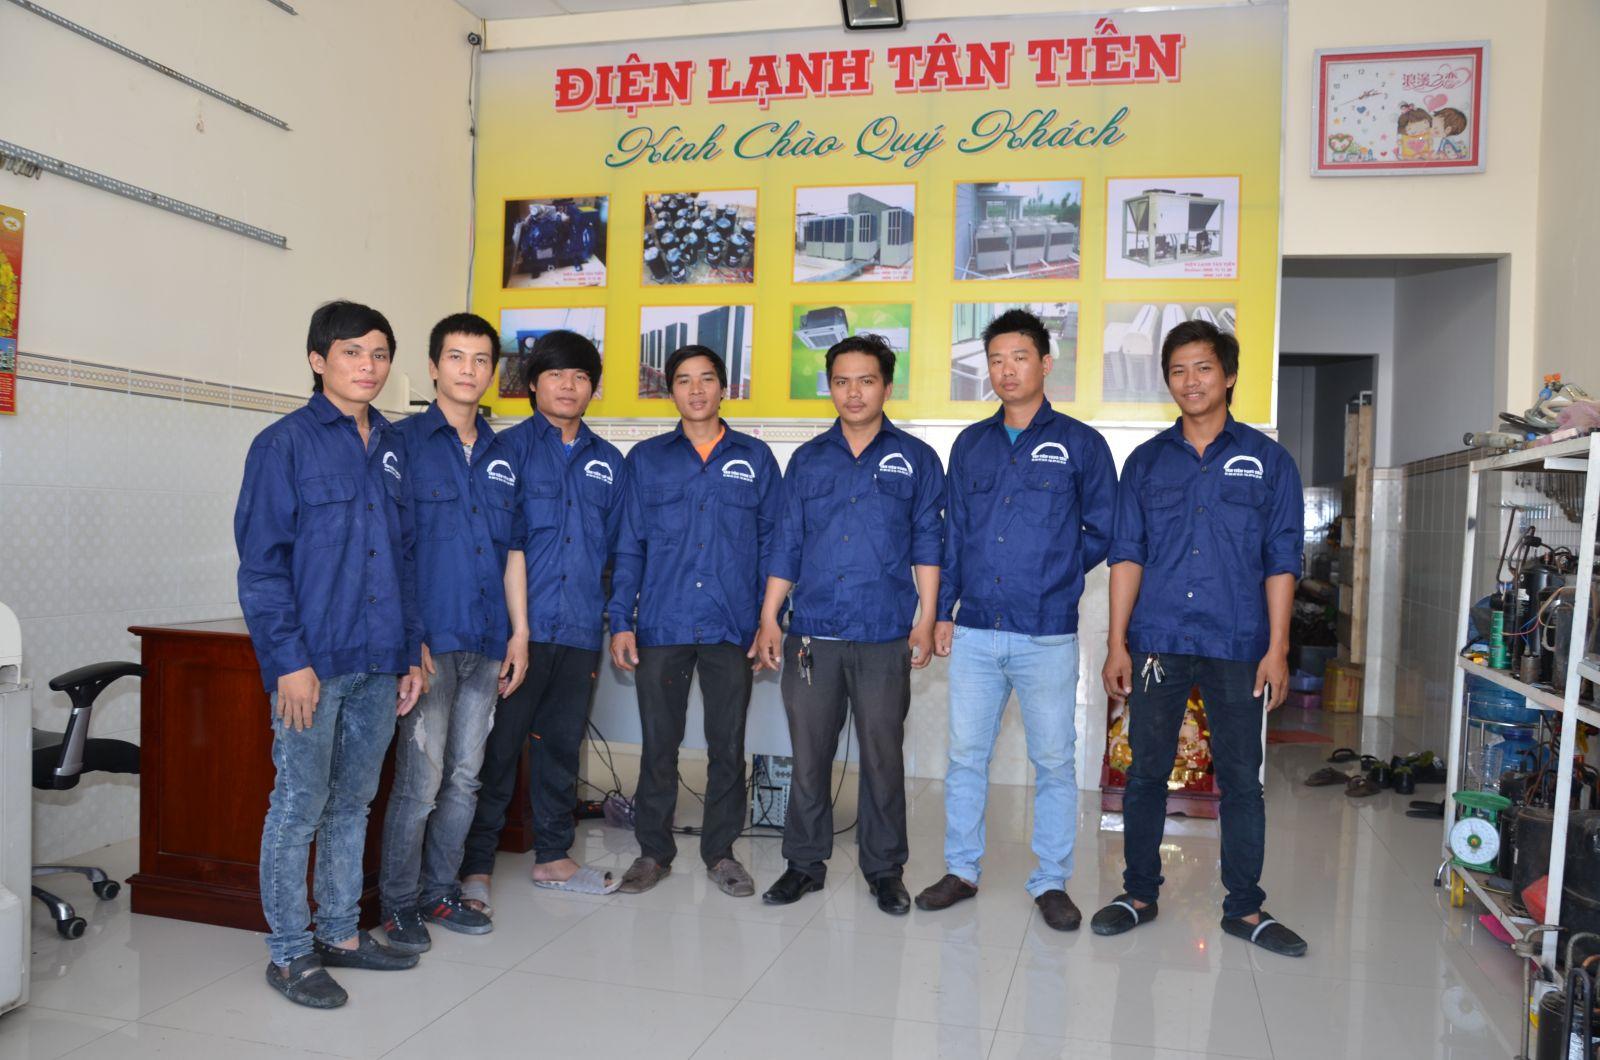 Điện lạnh Tân Tiến chuyên bán máy lạnh nội địa Nhật chính hãng